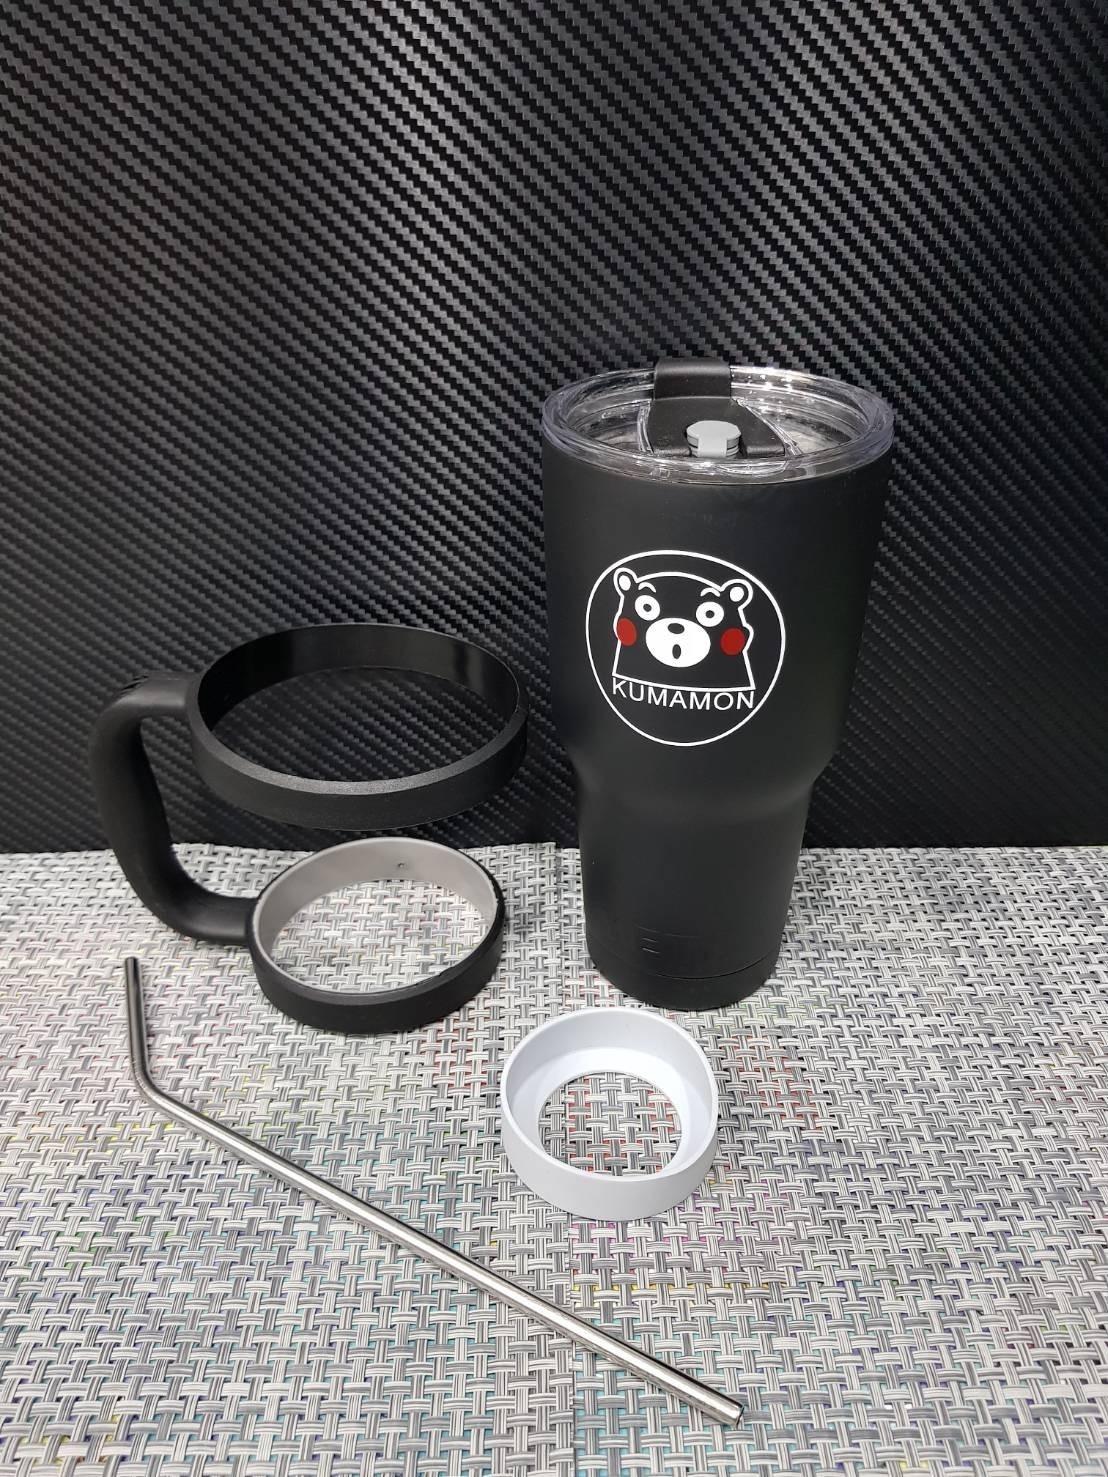 ชุดแก้วเยติ 30 ออนซ์ พื้นสีดำ ลายการ์ตูน Kumamon